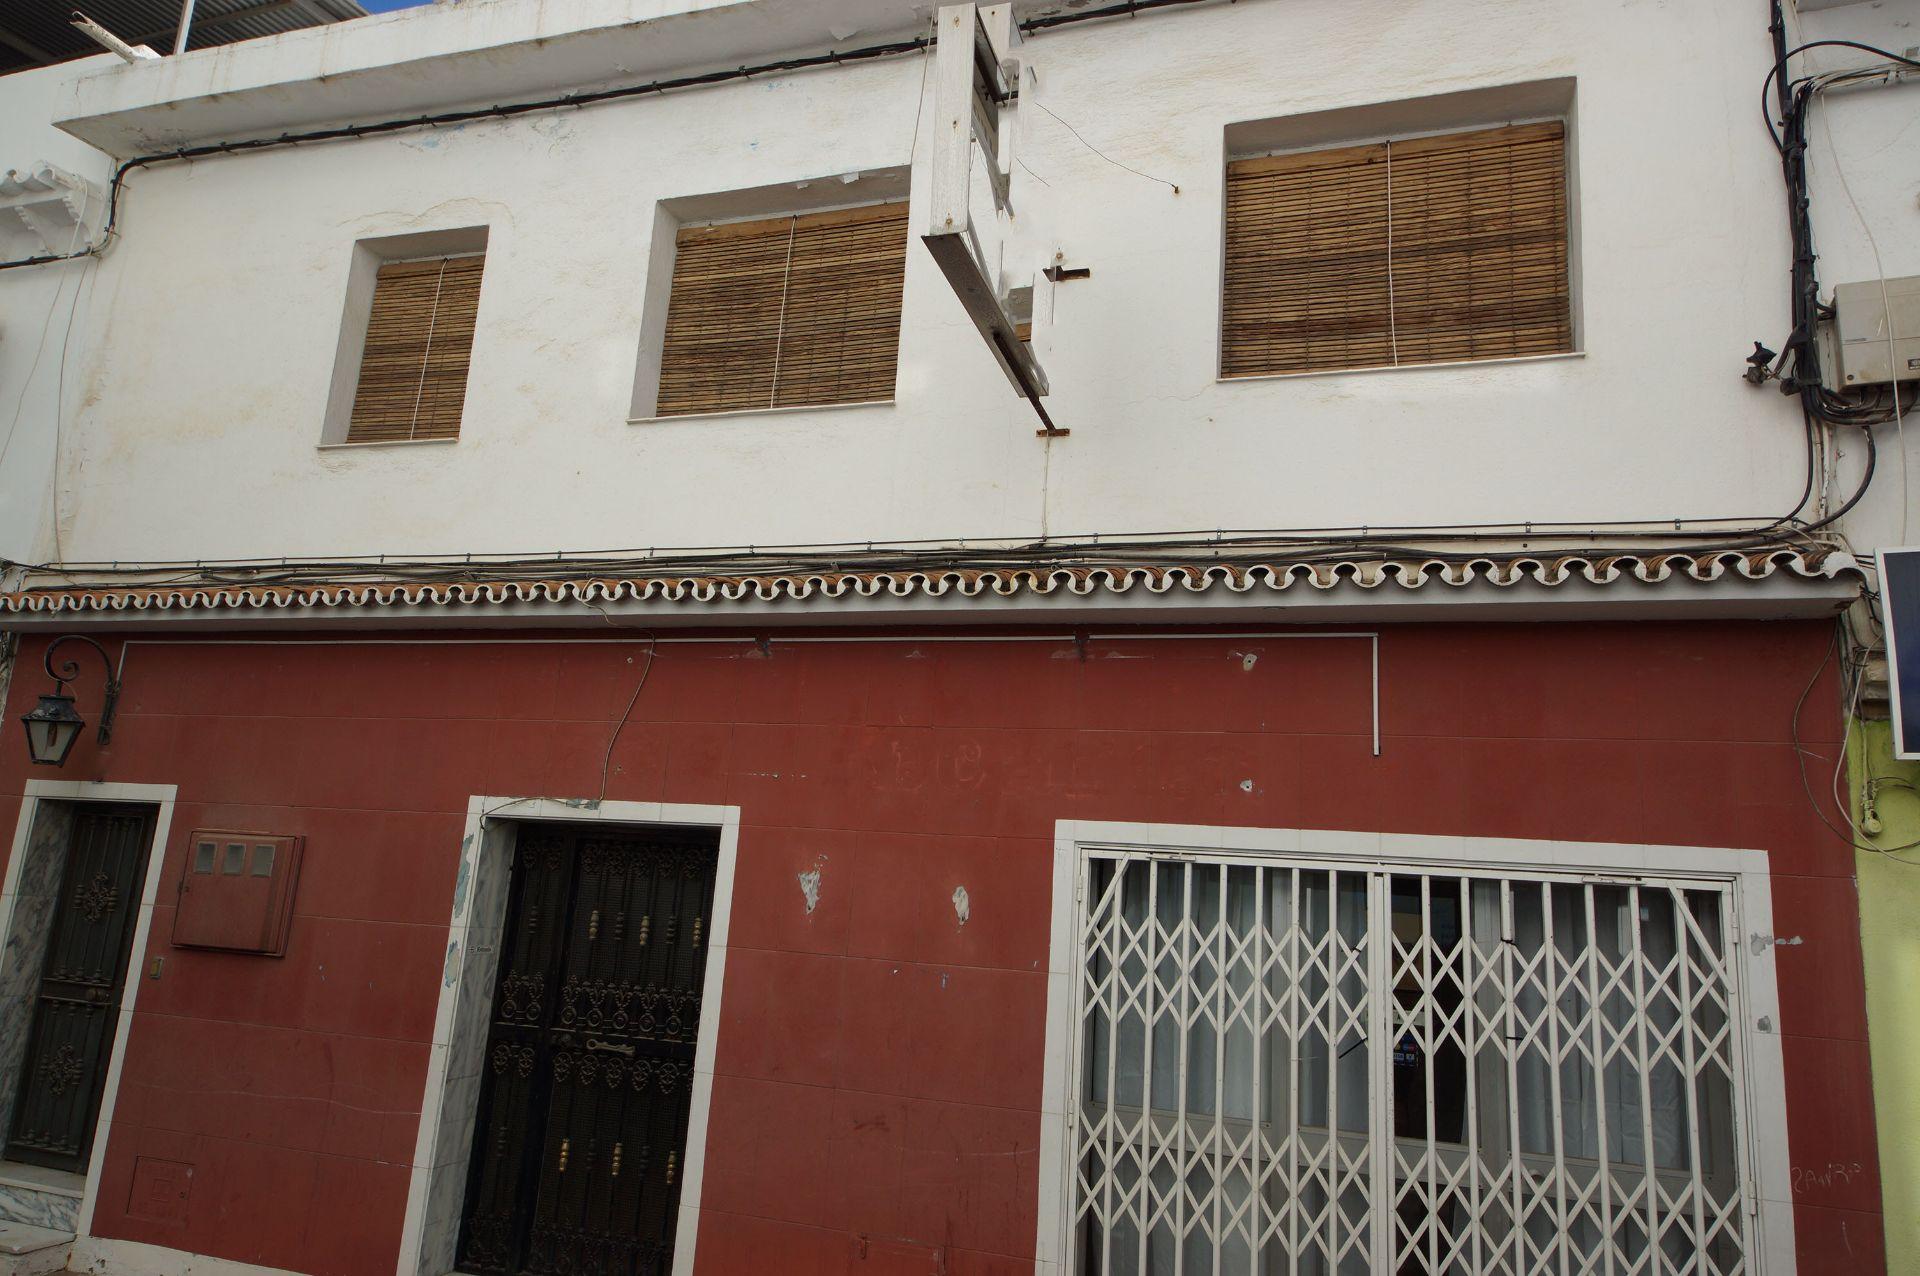 Commercial property in San Pedro de Alcántara, CENTRO SAN PEDRO, for sale